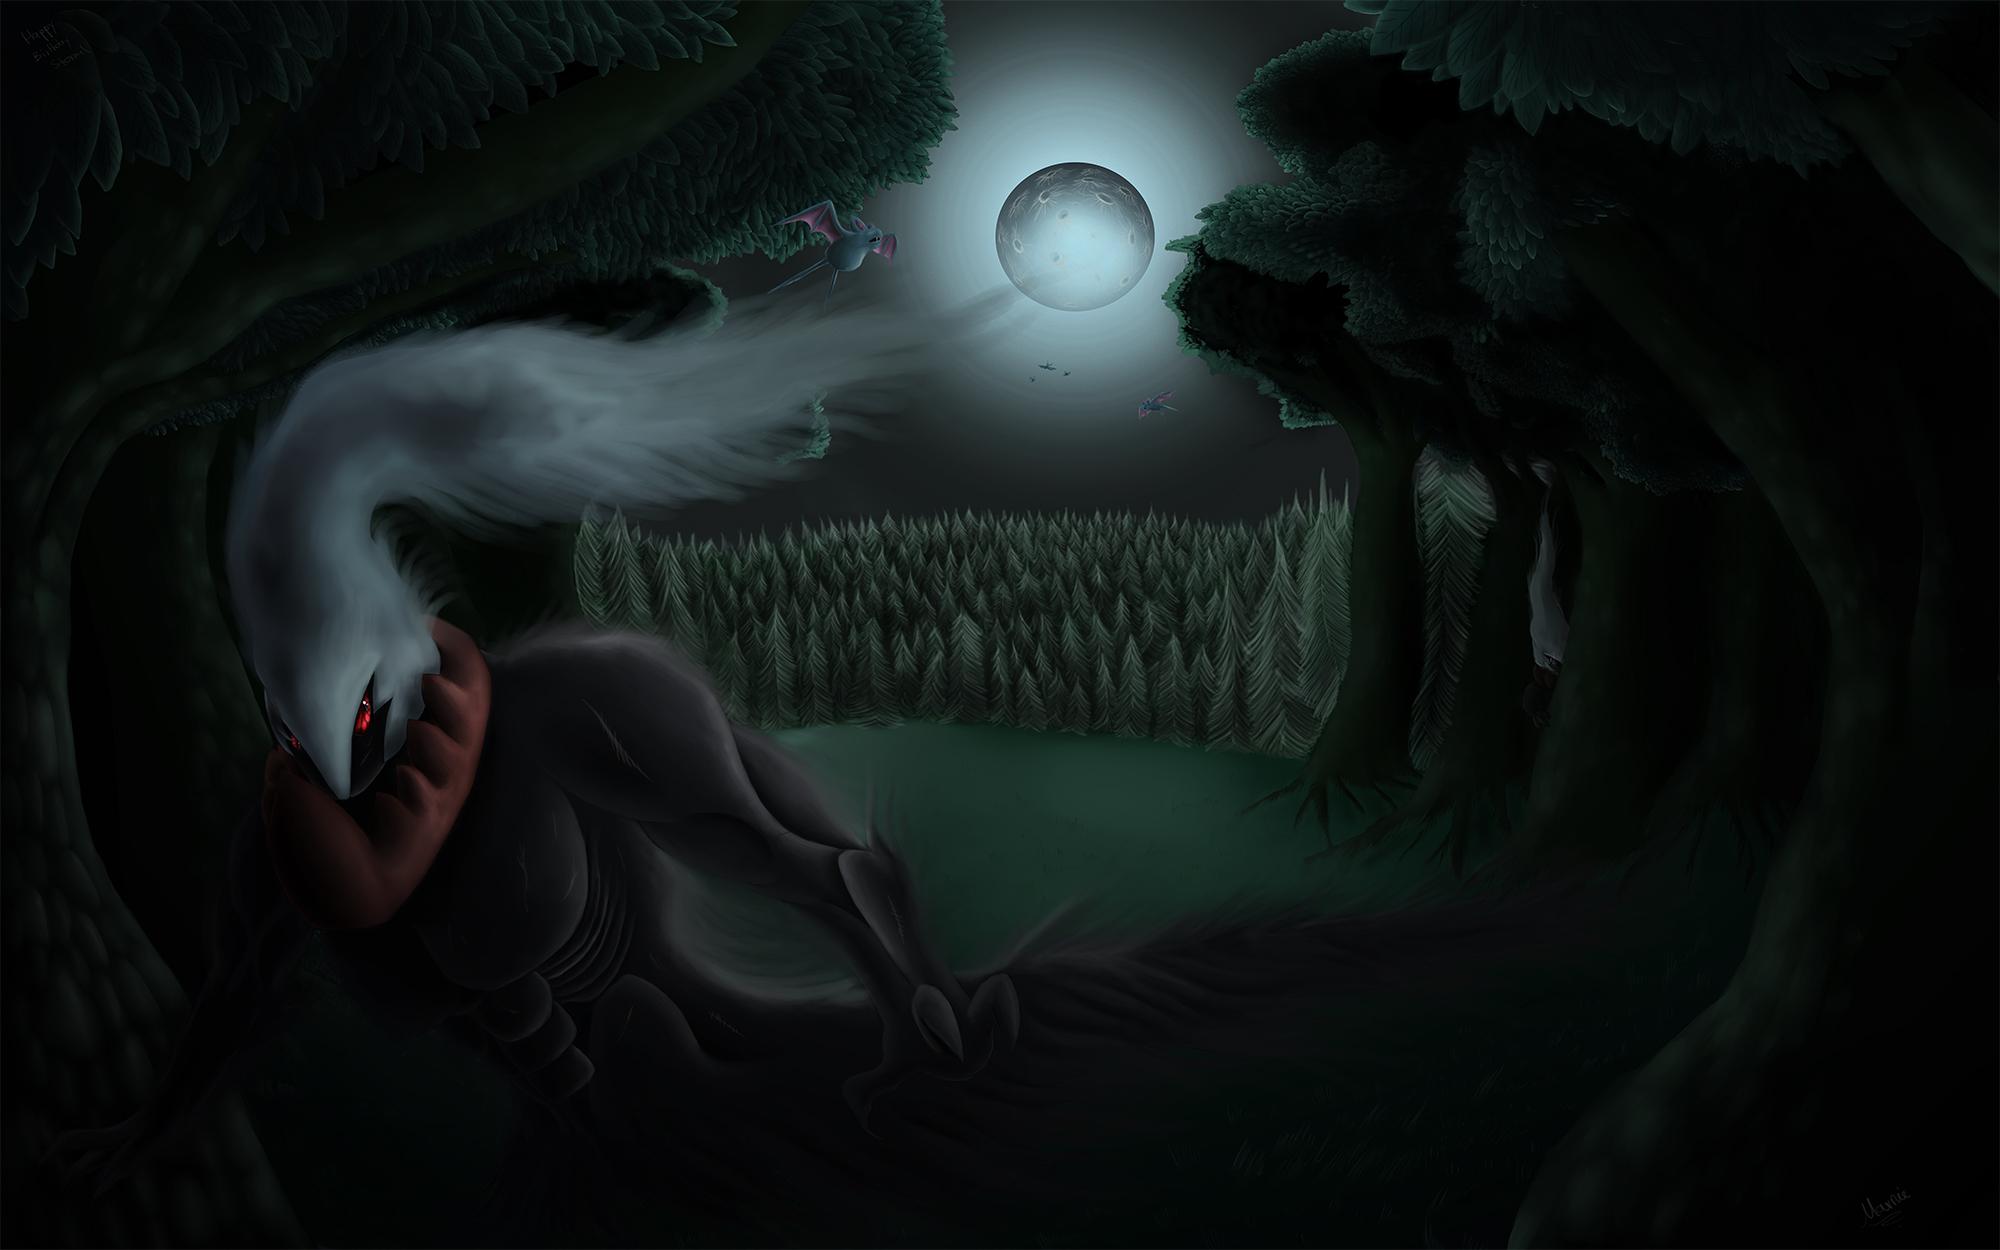 Pokémon-Zeichnung: Einreichung 24236